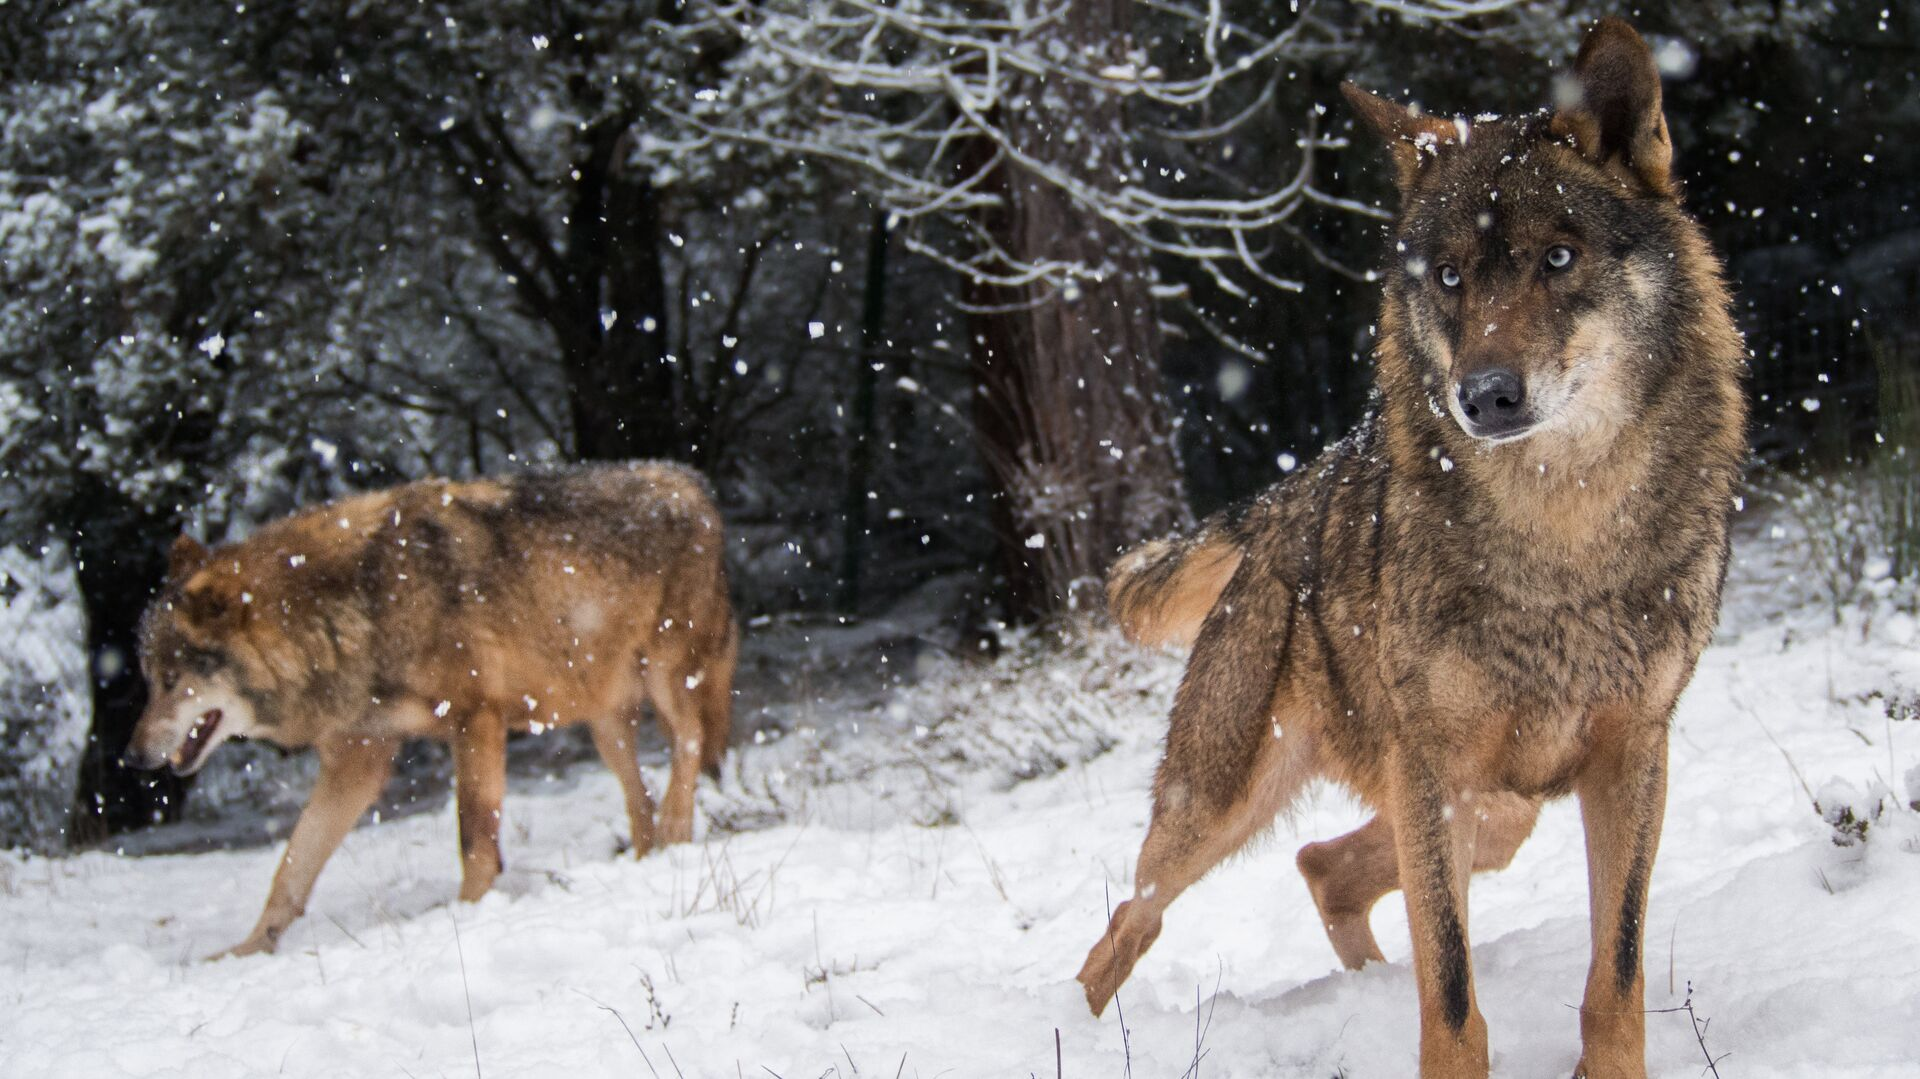 Волки в зимнем лесу - РИА Новости, 1920, 07.01.2021